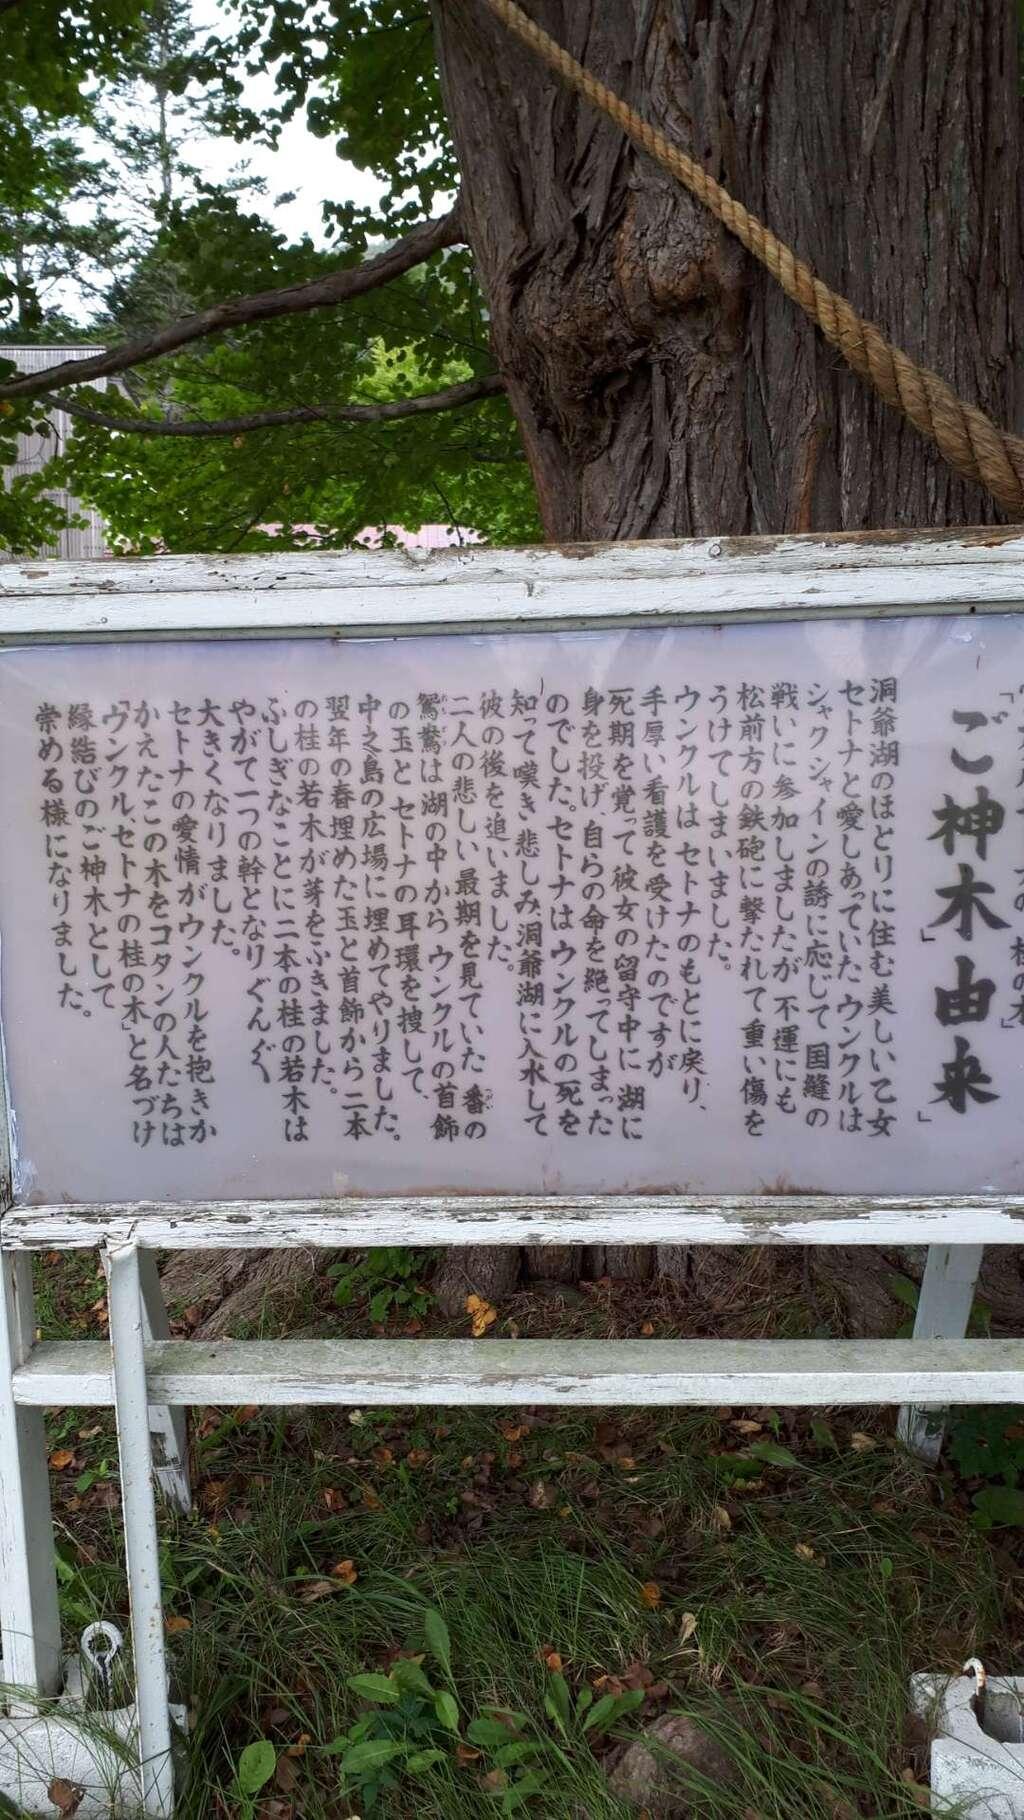 神社(洞爺湖中の島)の歴史